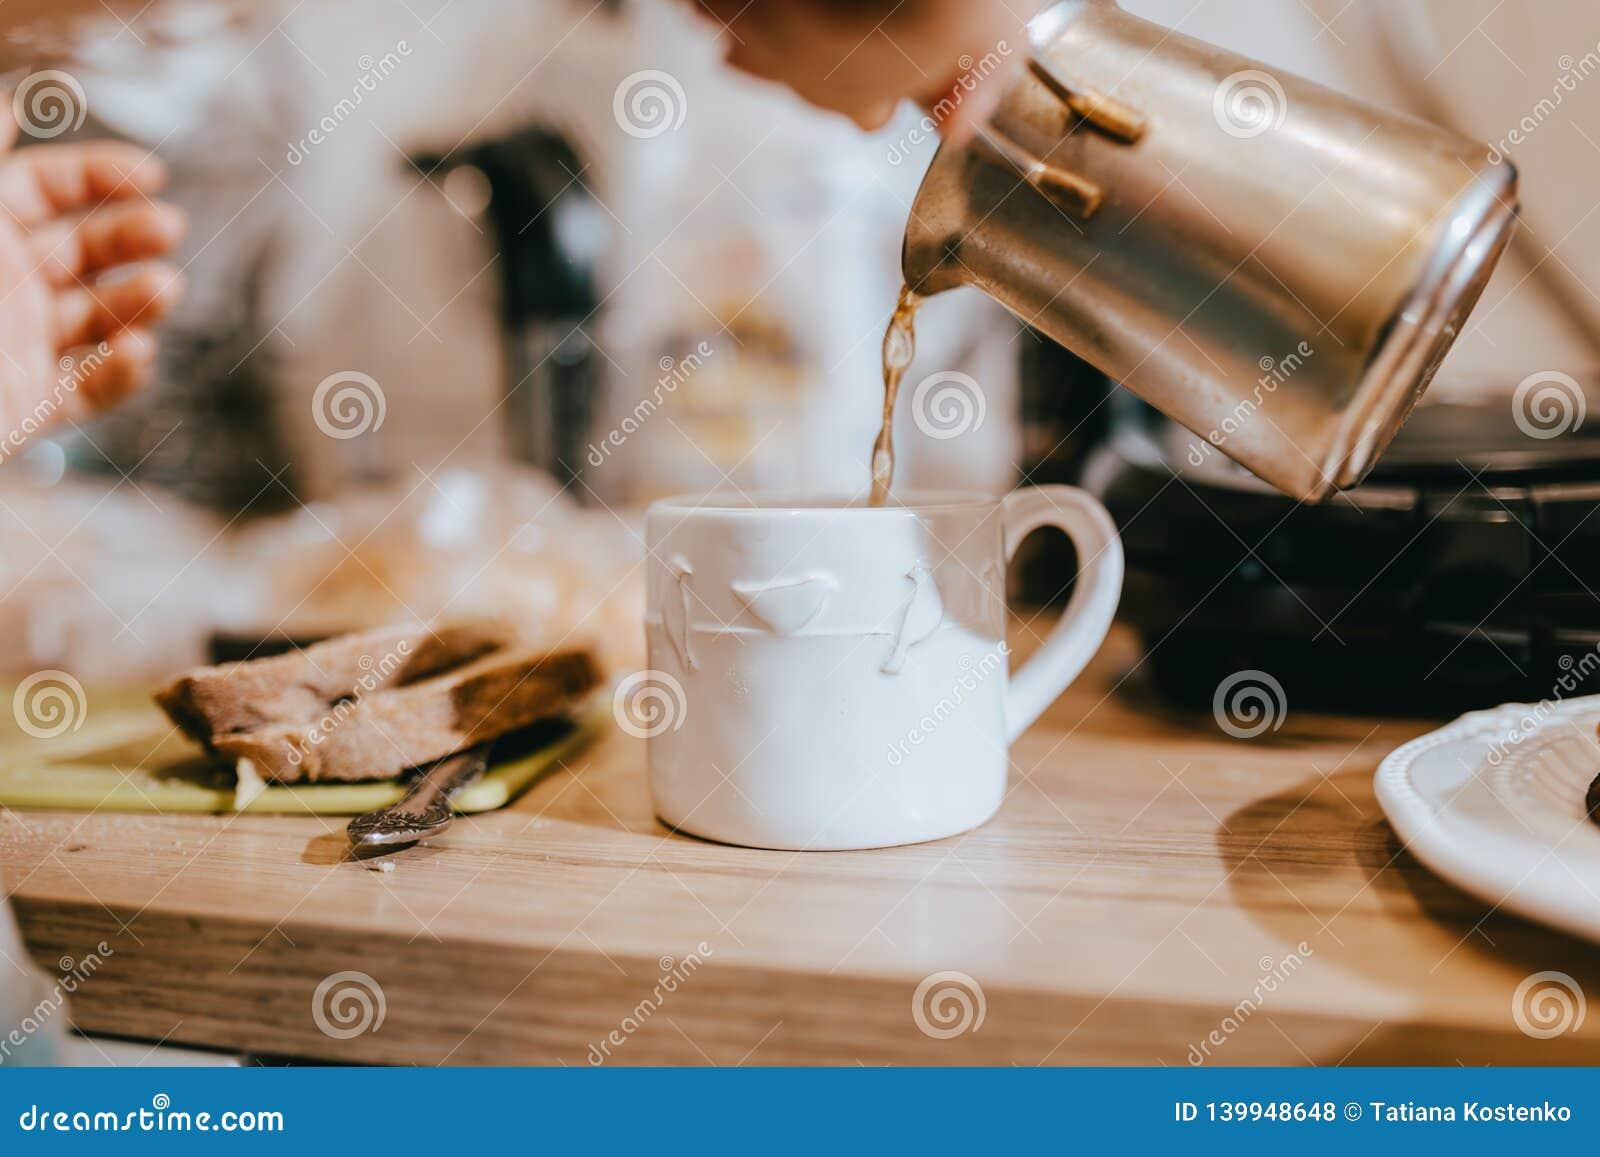 O processo de derramar o café dos turcos em um copo branco bonito na cozinha em uma tabela de madeira